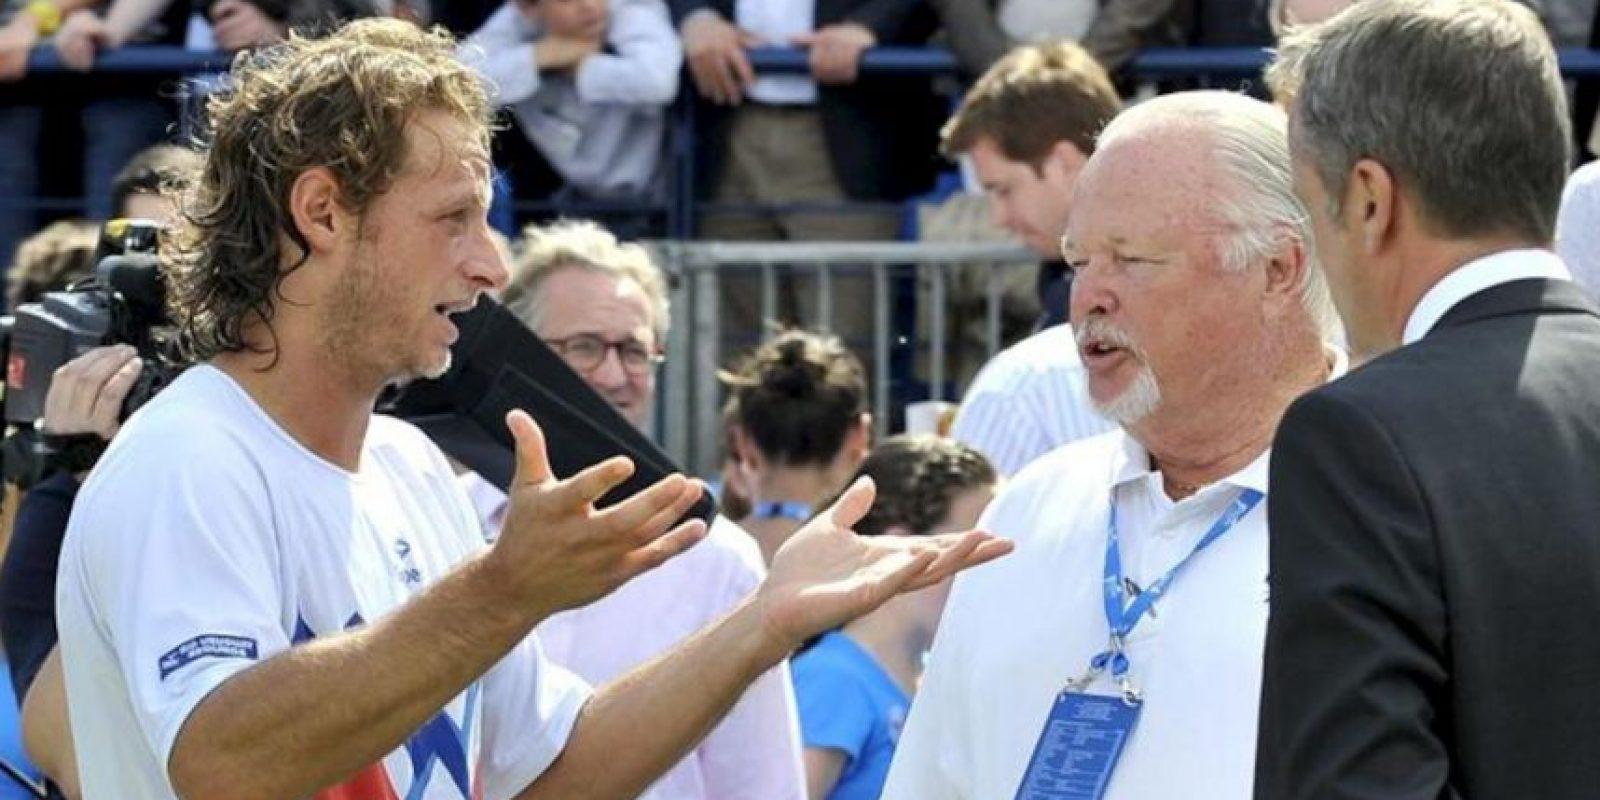 El tenista argentino David Nalbandian (i) protesta al árbitro de la ATP Tom Barnes (2d) tras ser descalificado en la final del Torneo de Queen's en Londres (Reino Unido). Nalbandian fue descalificado por propinar una patada a la peana de la silla en la que estaba sentado un juez de línea, en el transcurso de la final del torneo de Queen's (Londres), por lo que el título fue para el croata Marin Cilic, sexto cabeza de serie. EFE